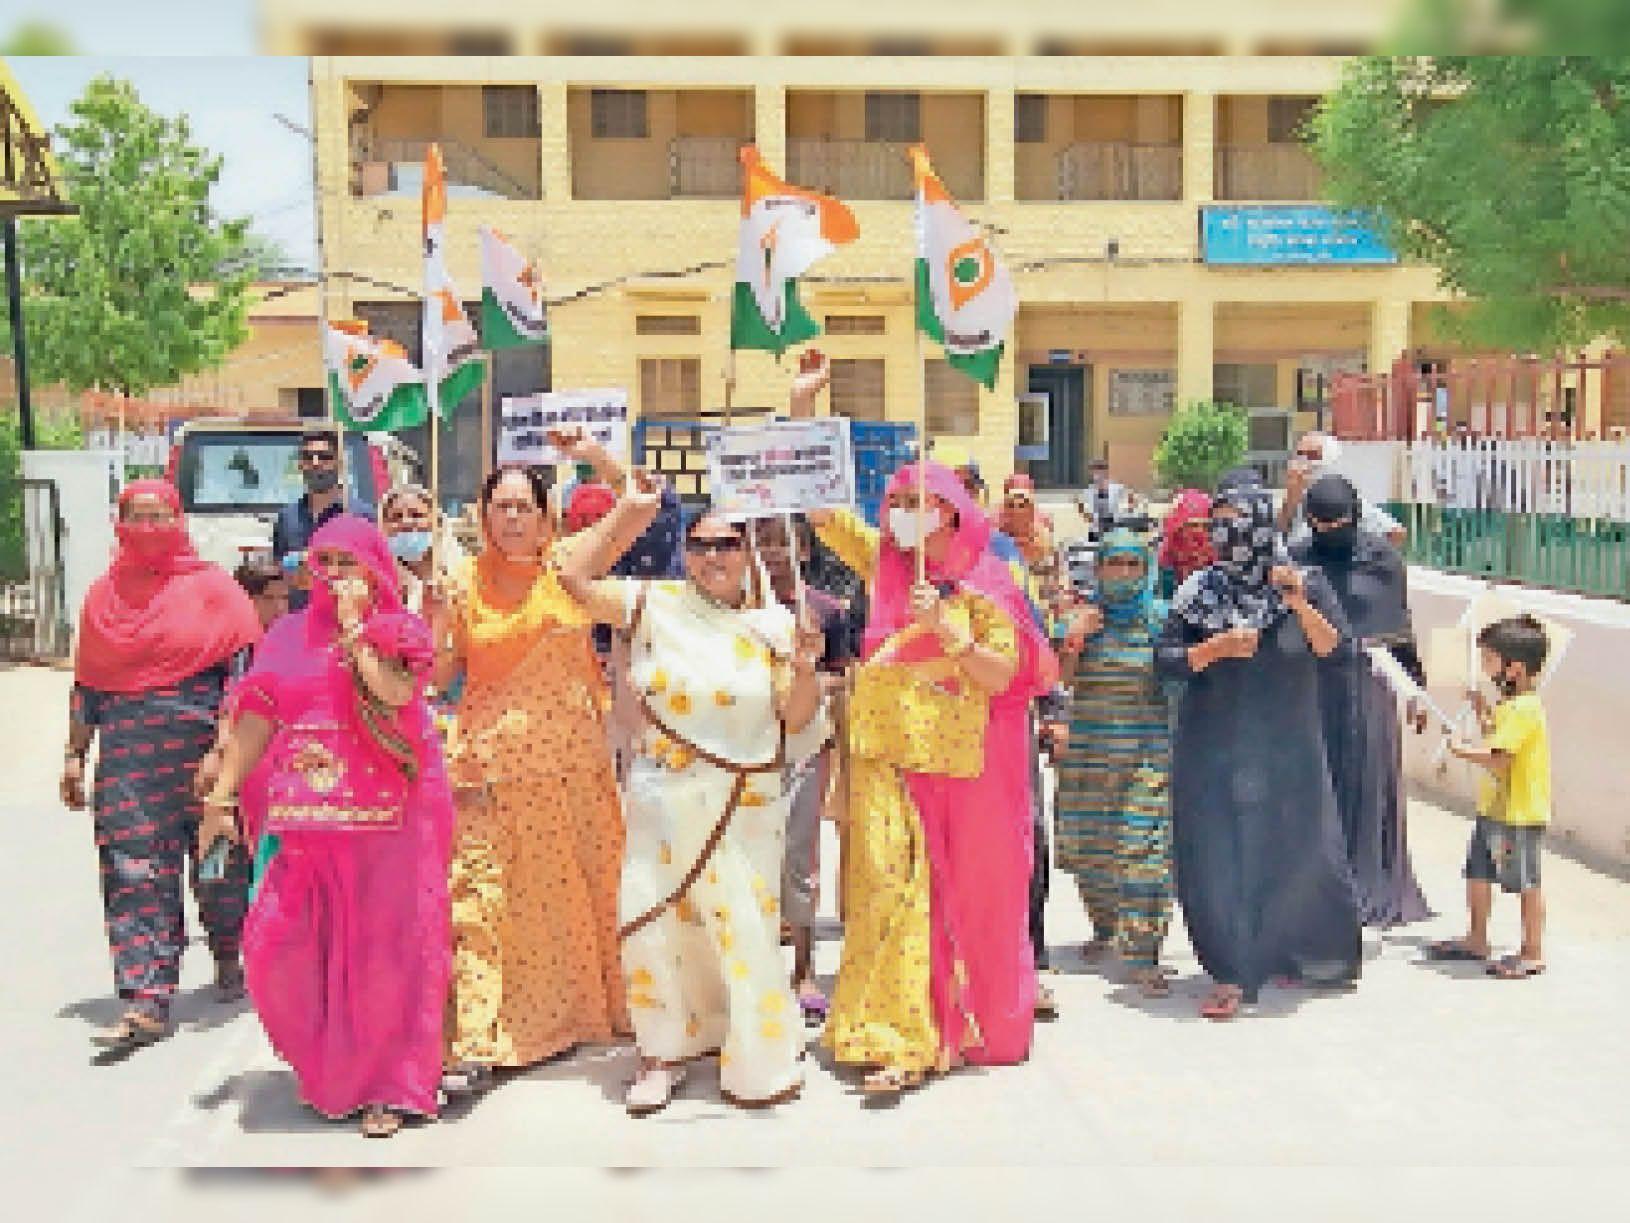 महंगाई काे लेकर प्रदर्शन करती महिलाएं। - Dainik Bhaskar